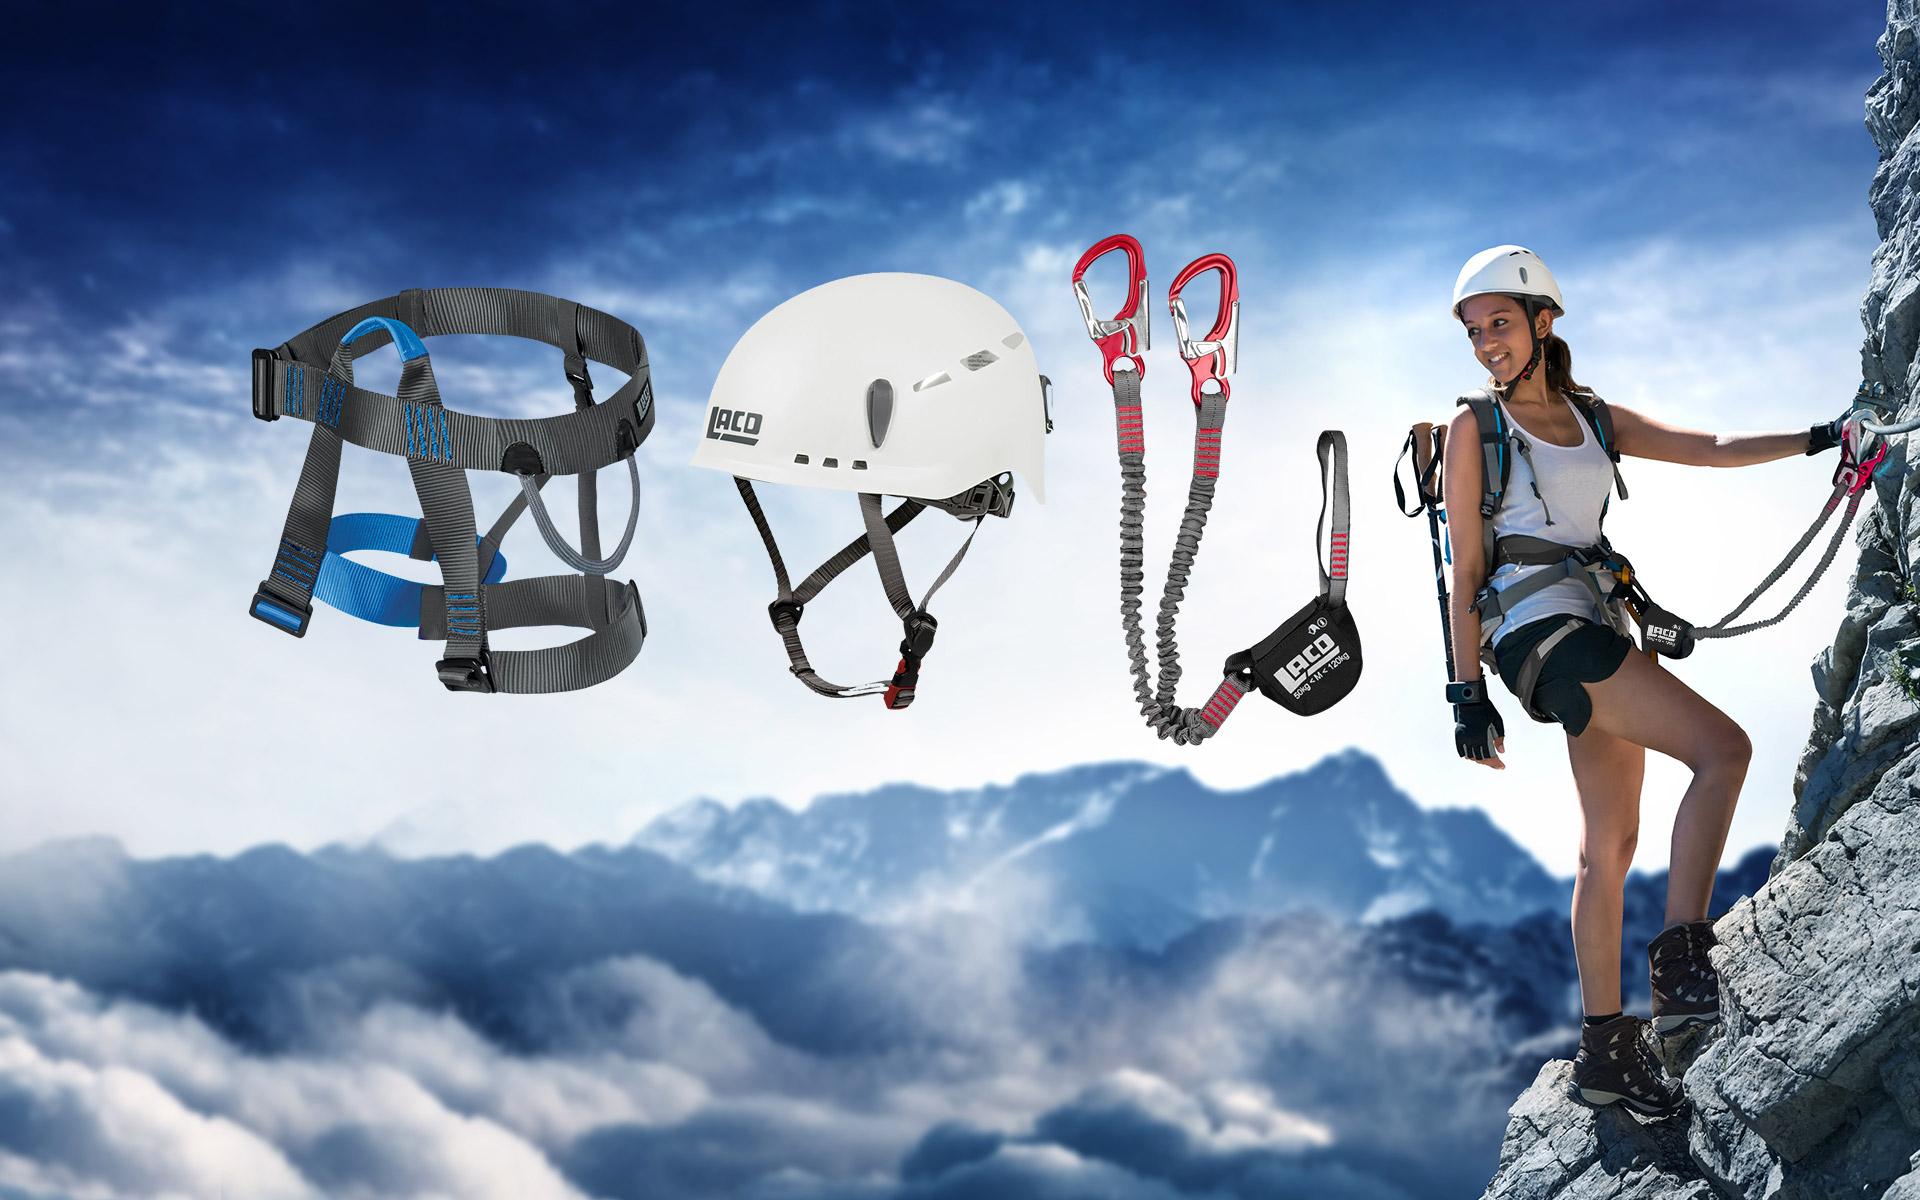 Klettergurt Für Klettersteig Test : Klettergurt lacd harness start test set via ferrata pro evo